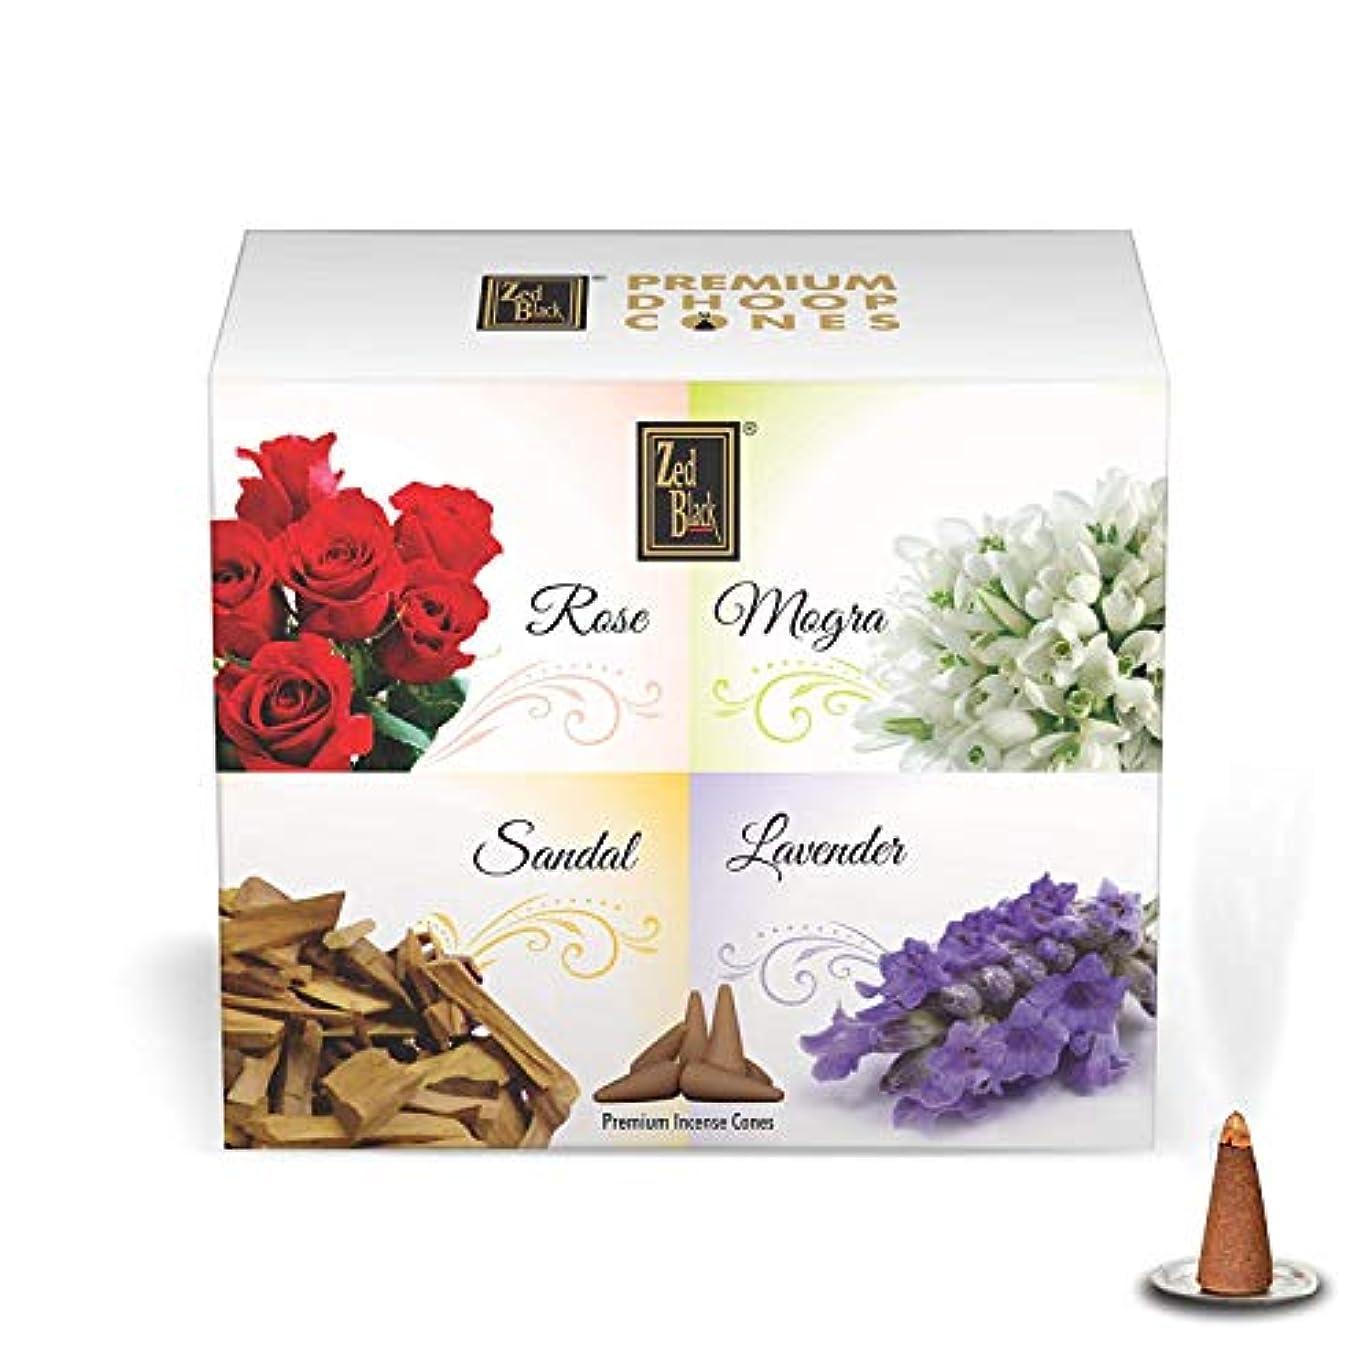 退屈させる代わってパフZed Black Dhoop Cones Boxes (Rose, Mogra, Sandal and Lavender) - Pack of 12